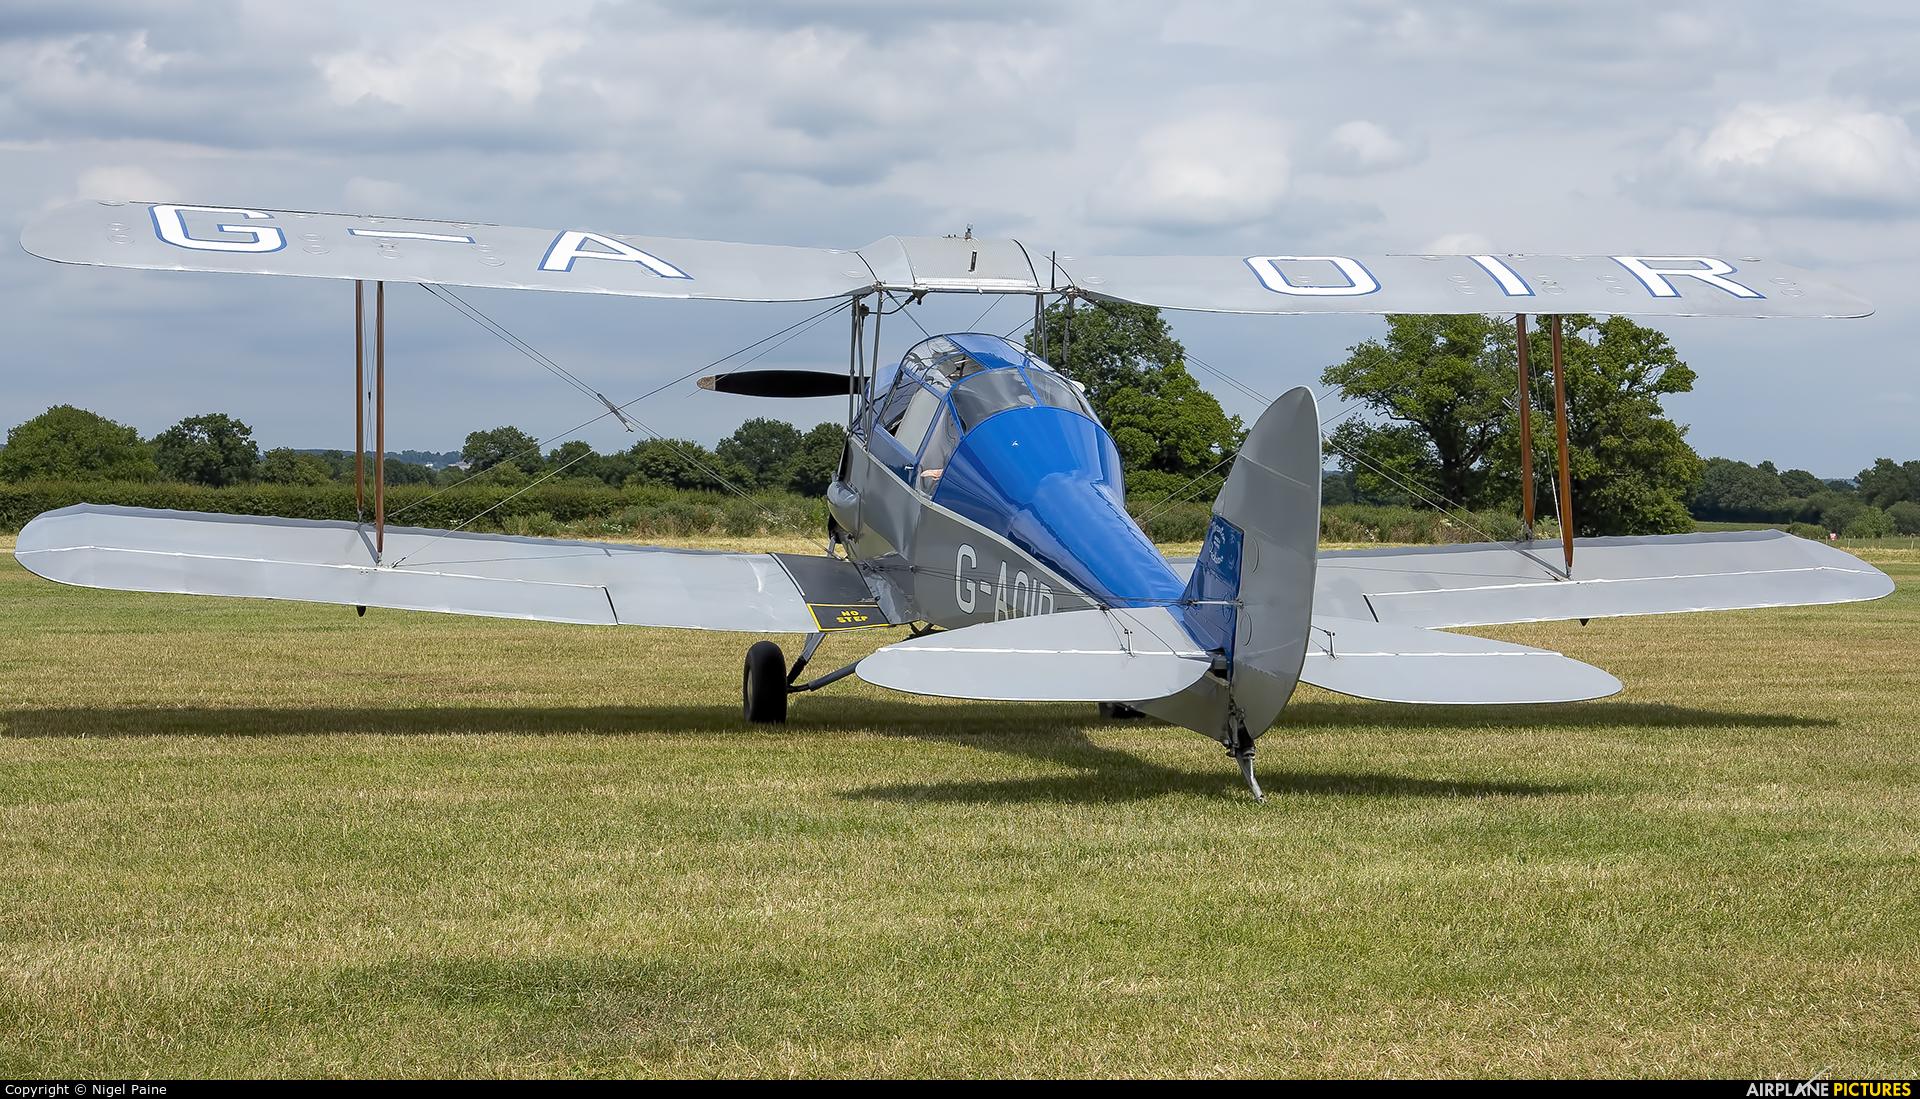 Aero Legends G-AOIR aircraft at Lashenden / Headcorn